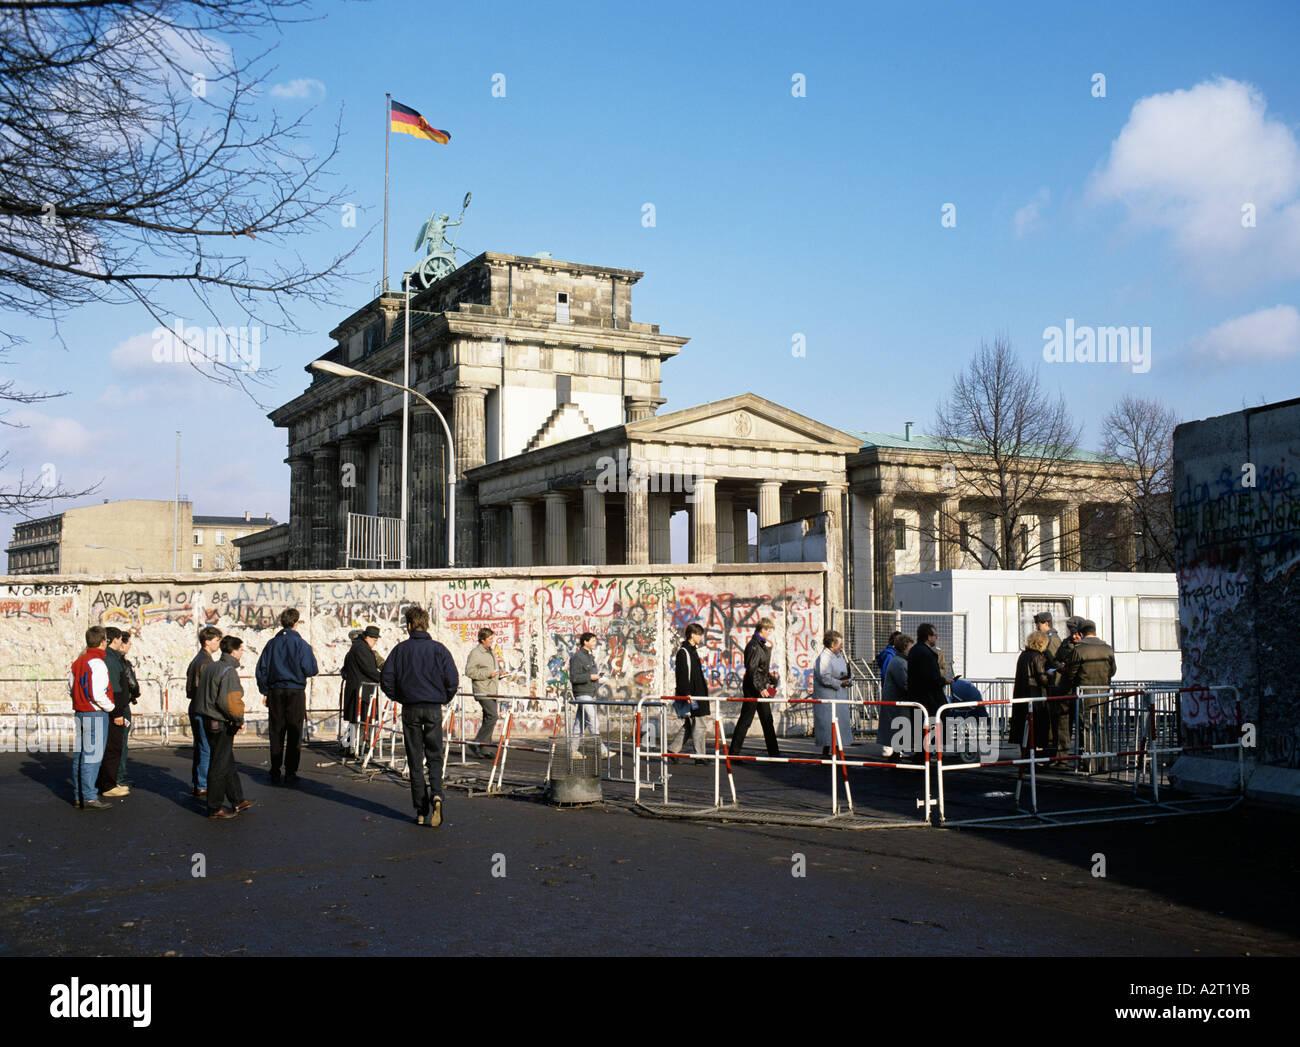 Europa Europa Deutschland Deutschland Berlin Mitte Brandenburger Tor Tor Berlin Berliner Mauer die Mauer Stockbild